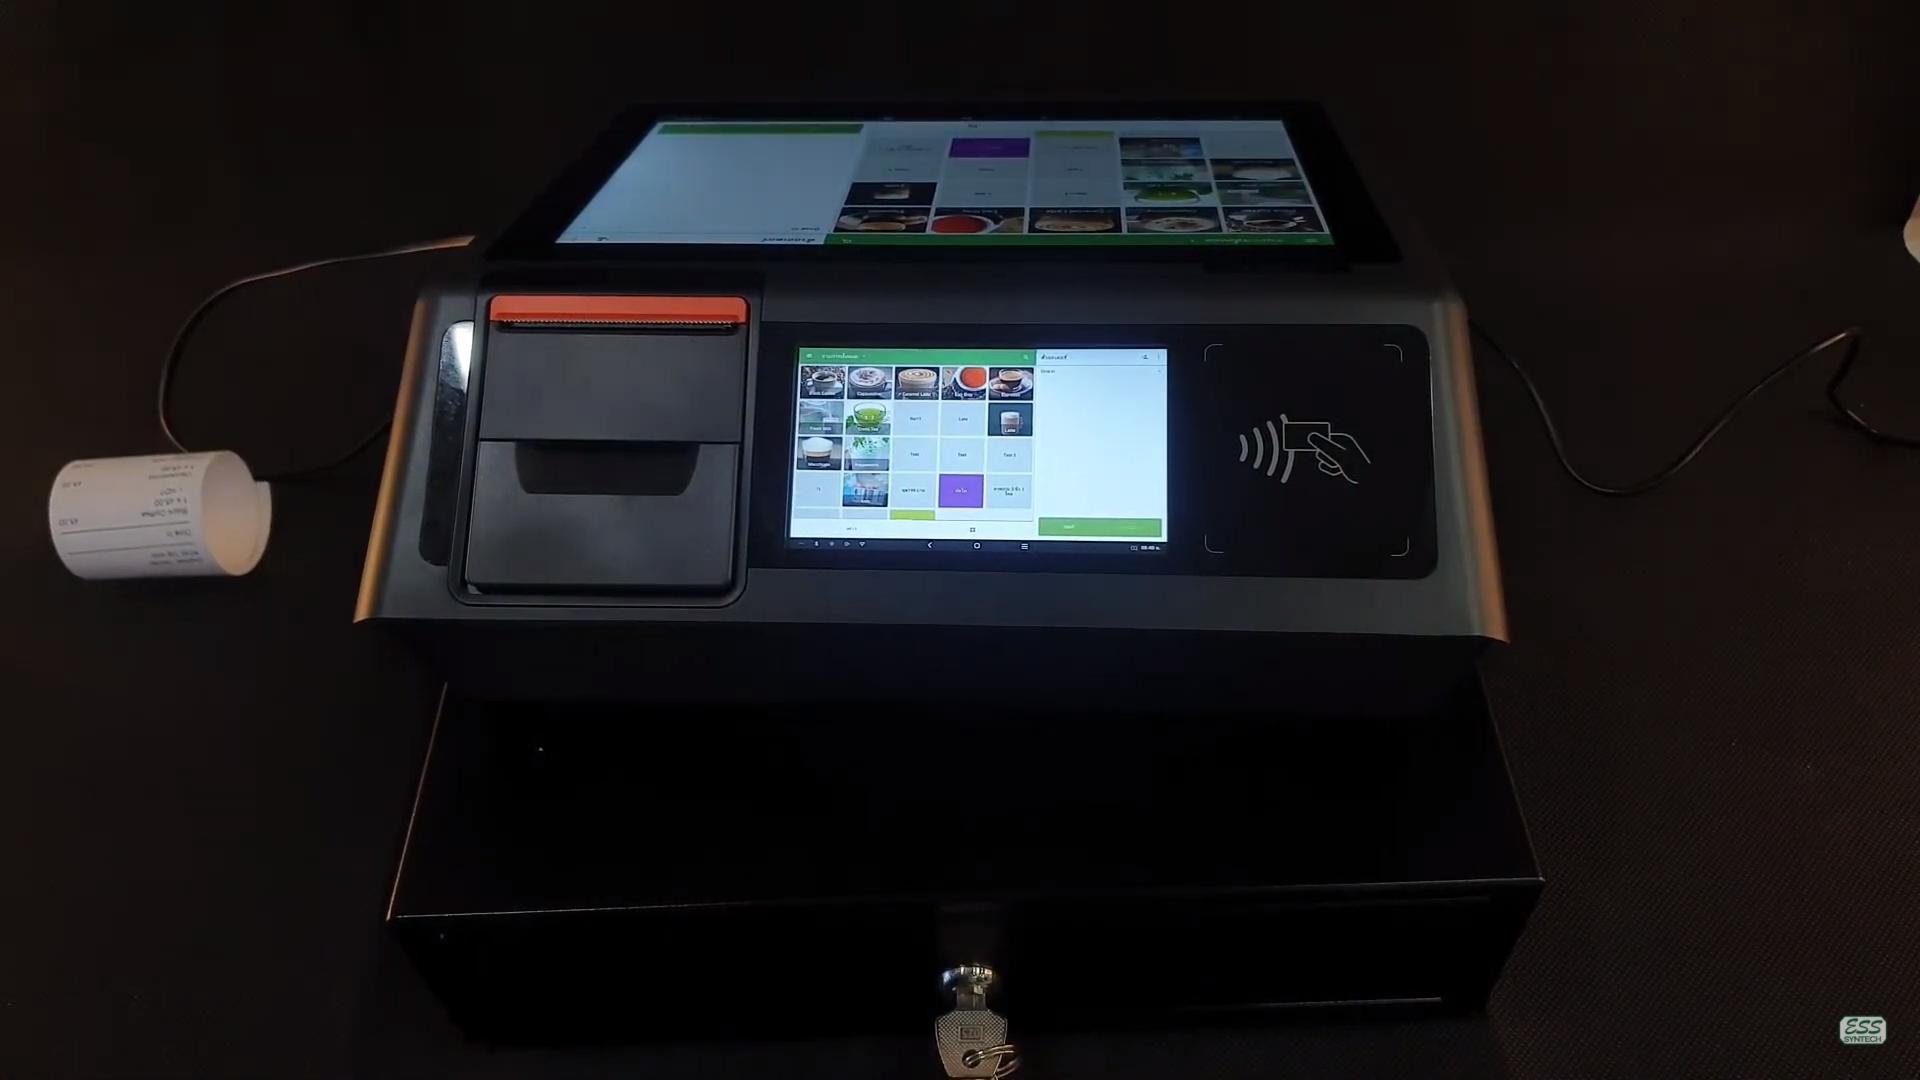 Sunmi D2 mini android 8.0 เครื่องคิดเงิน pos desktop sim card 4g ใส่ซิมได้ มีจอหลัง ดีไซน์สวย ราคาประหยัด